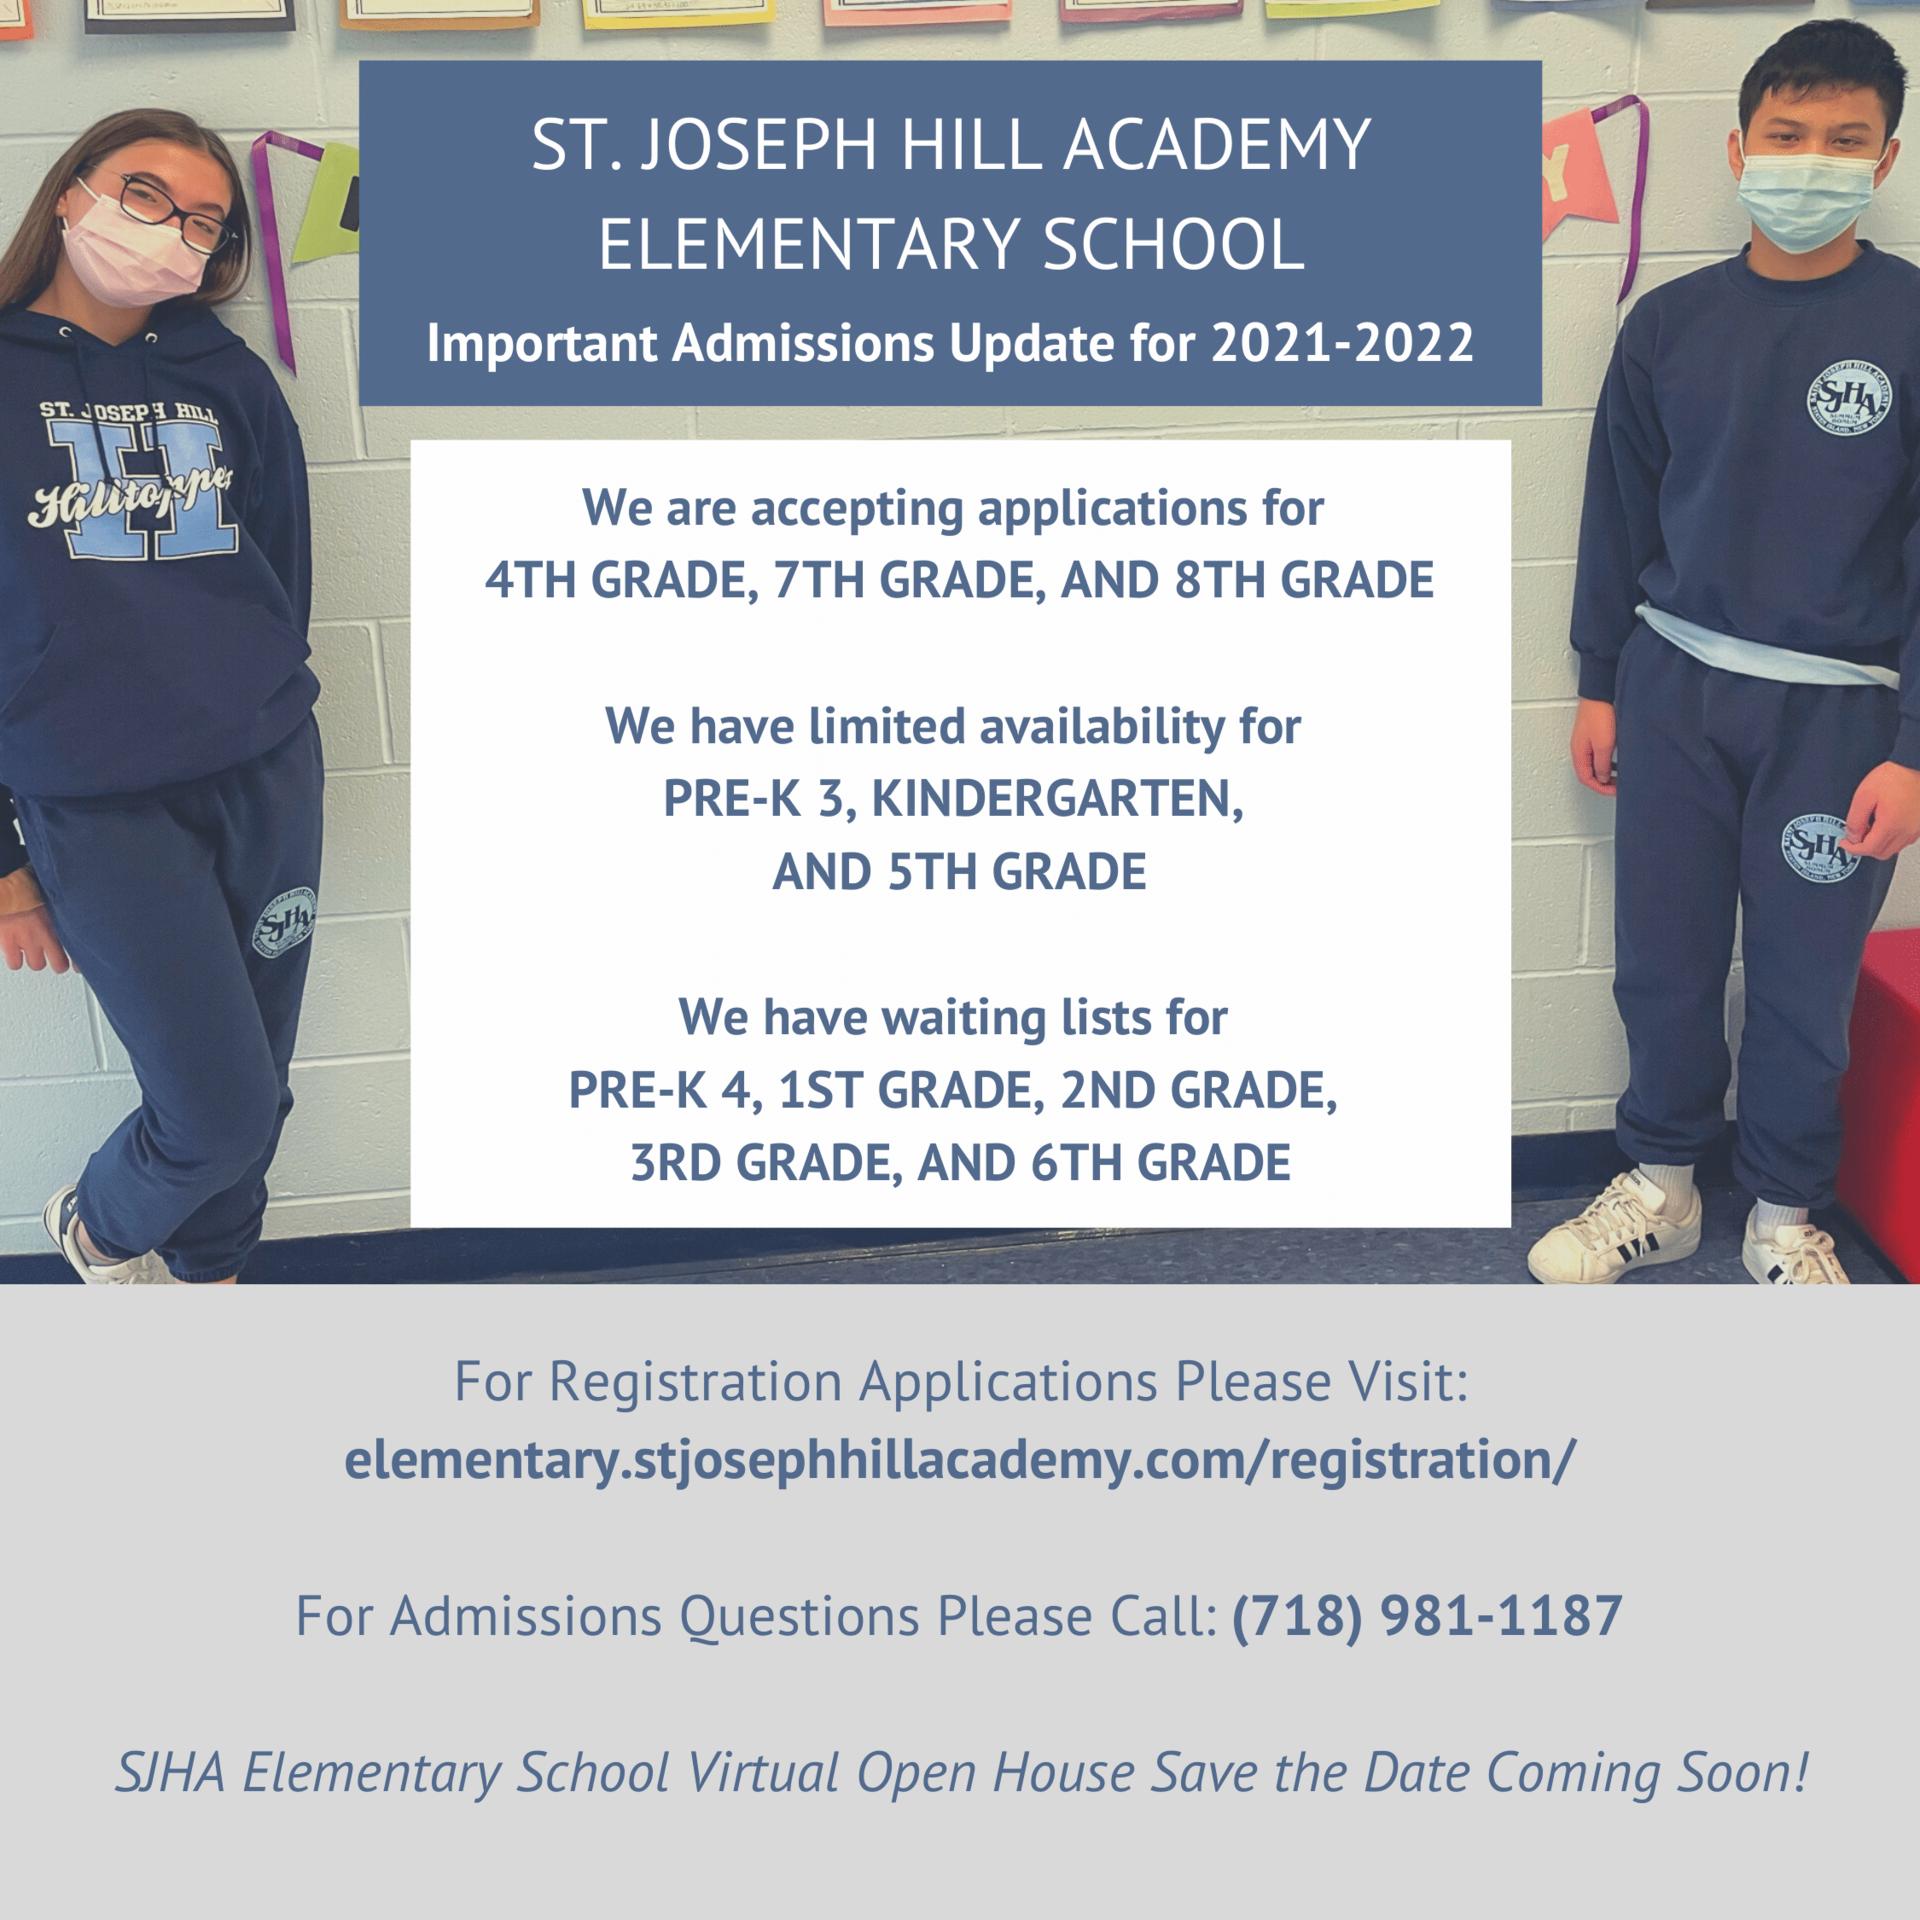 Admissions Updates